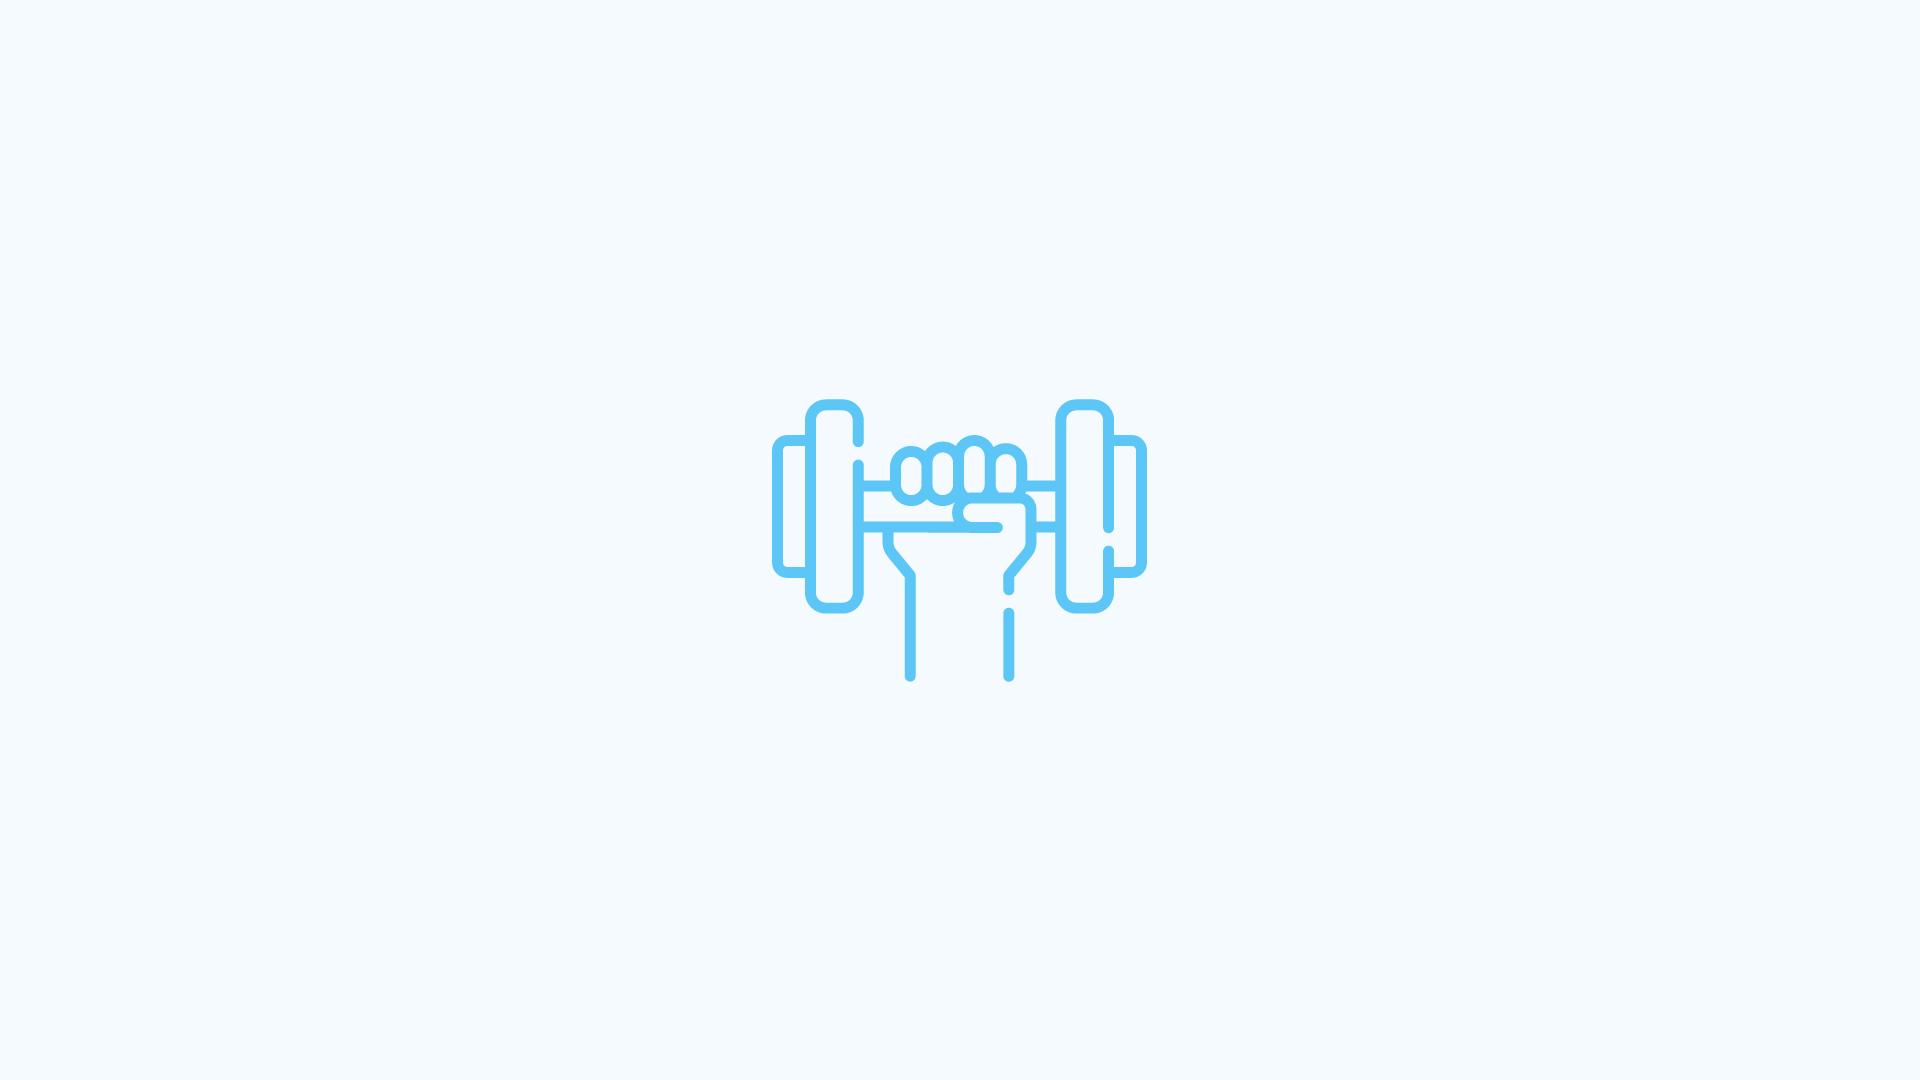 icon6@2x